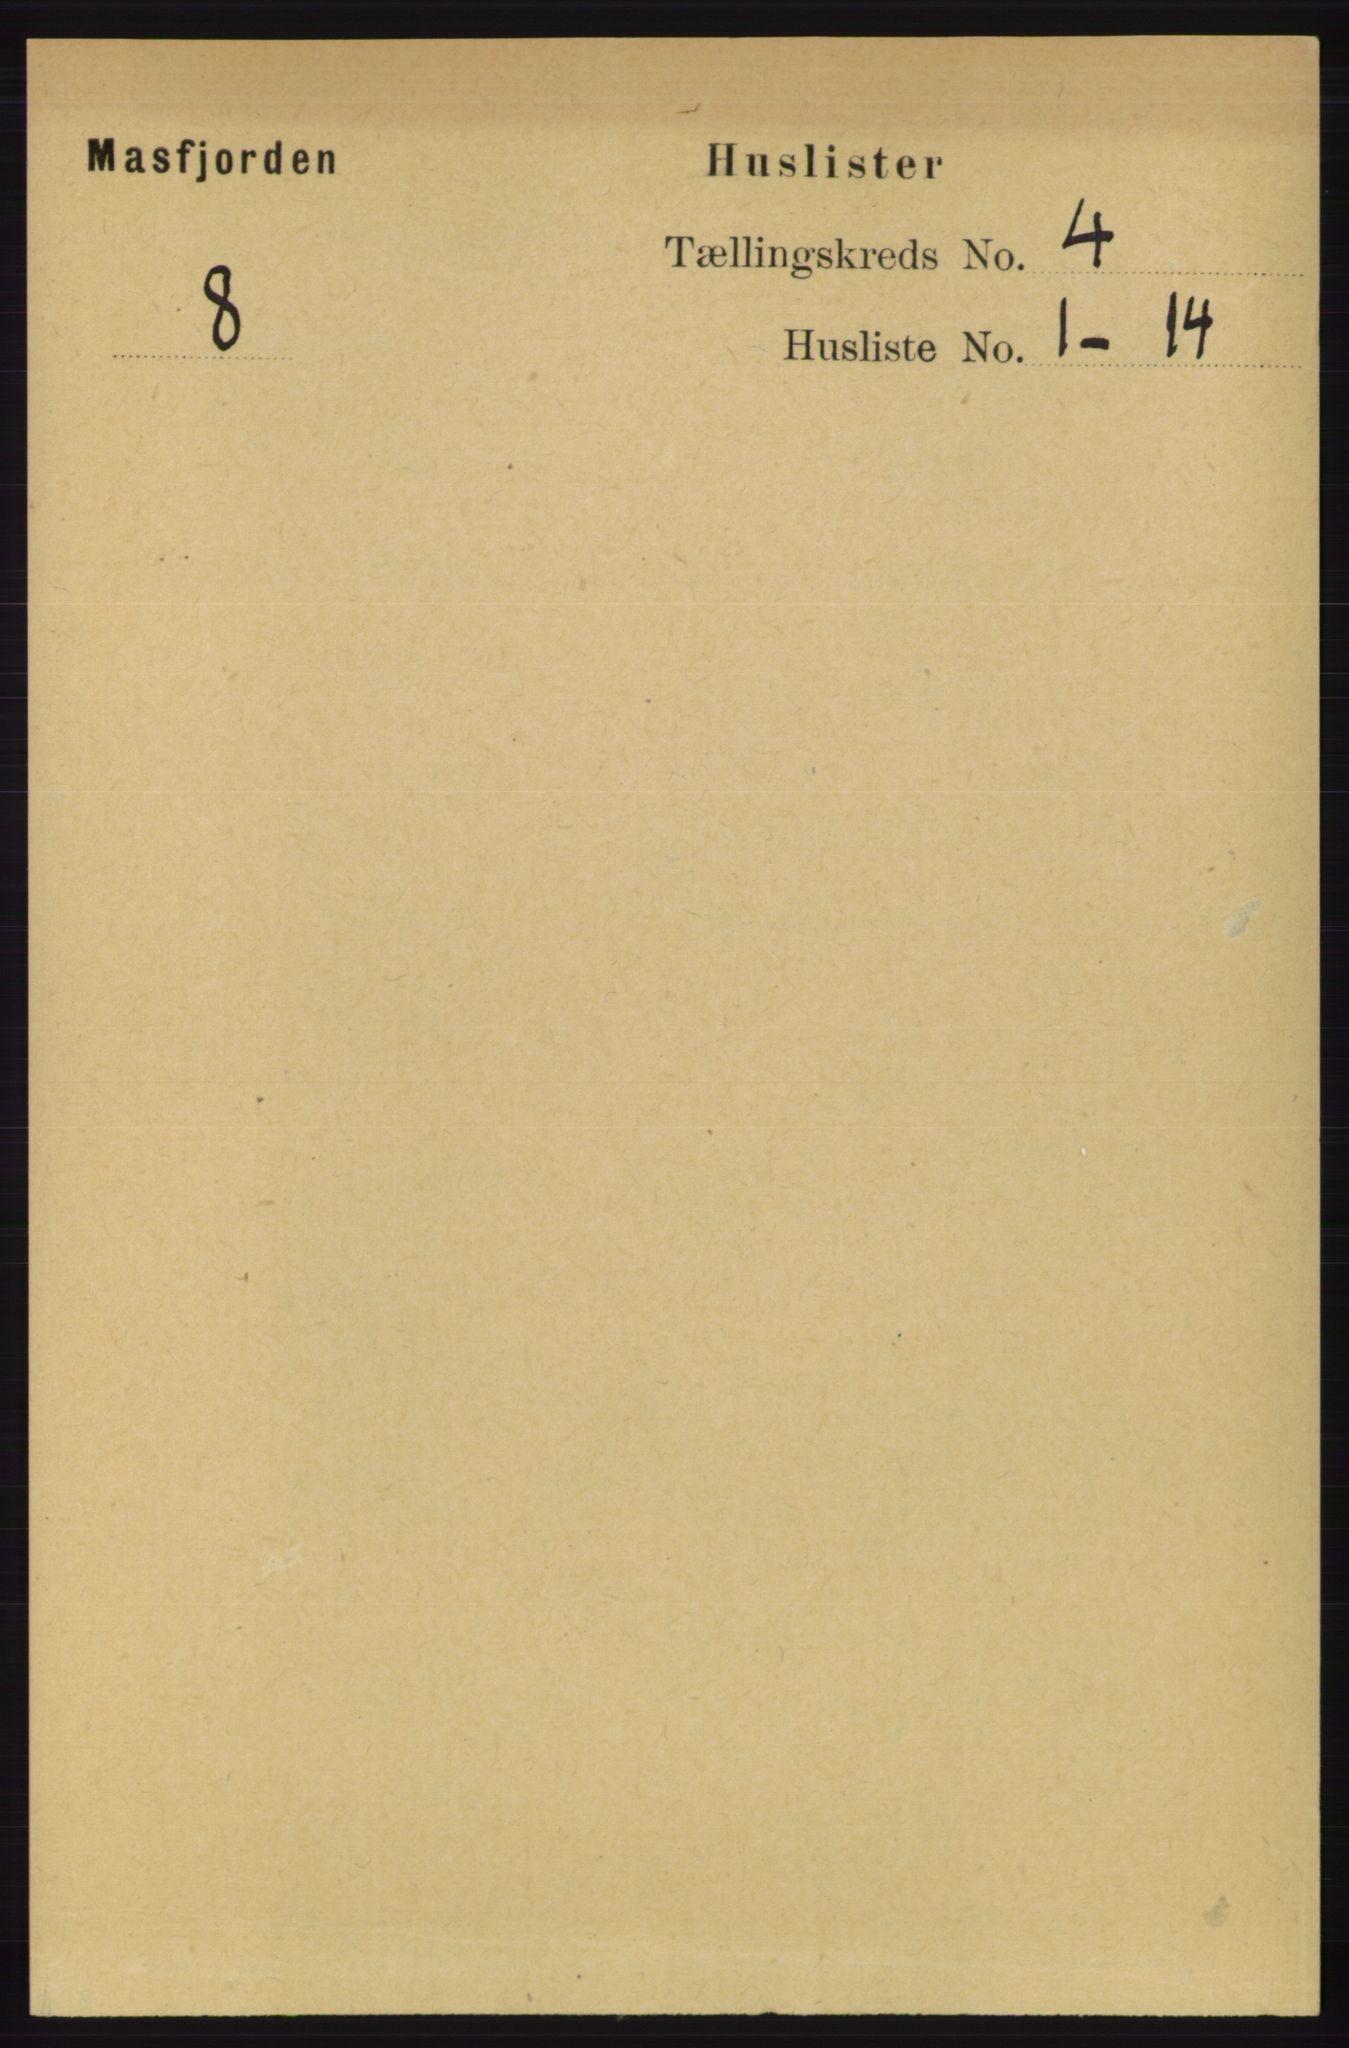 RA, Folketelling 1891 for 1266 Masfjorden herred, 1891, s. 722